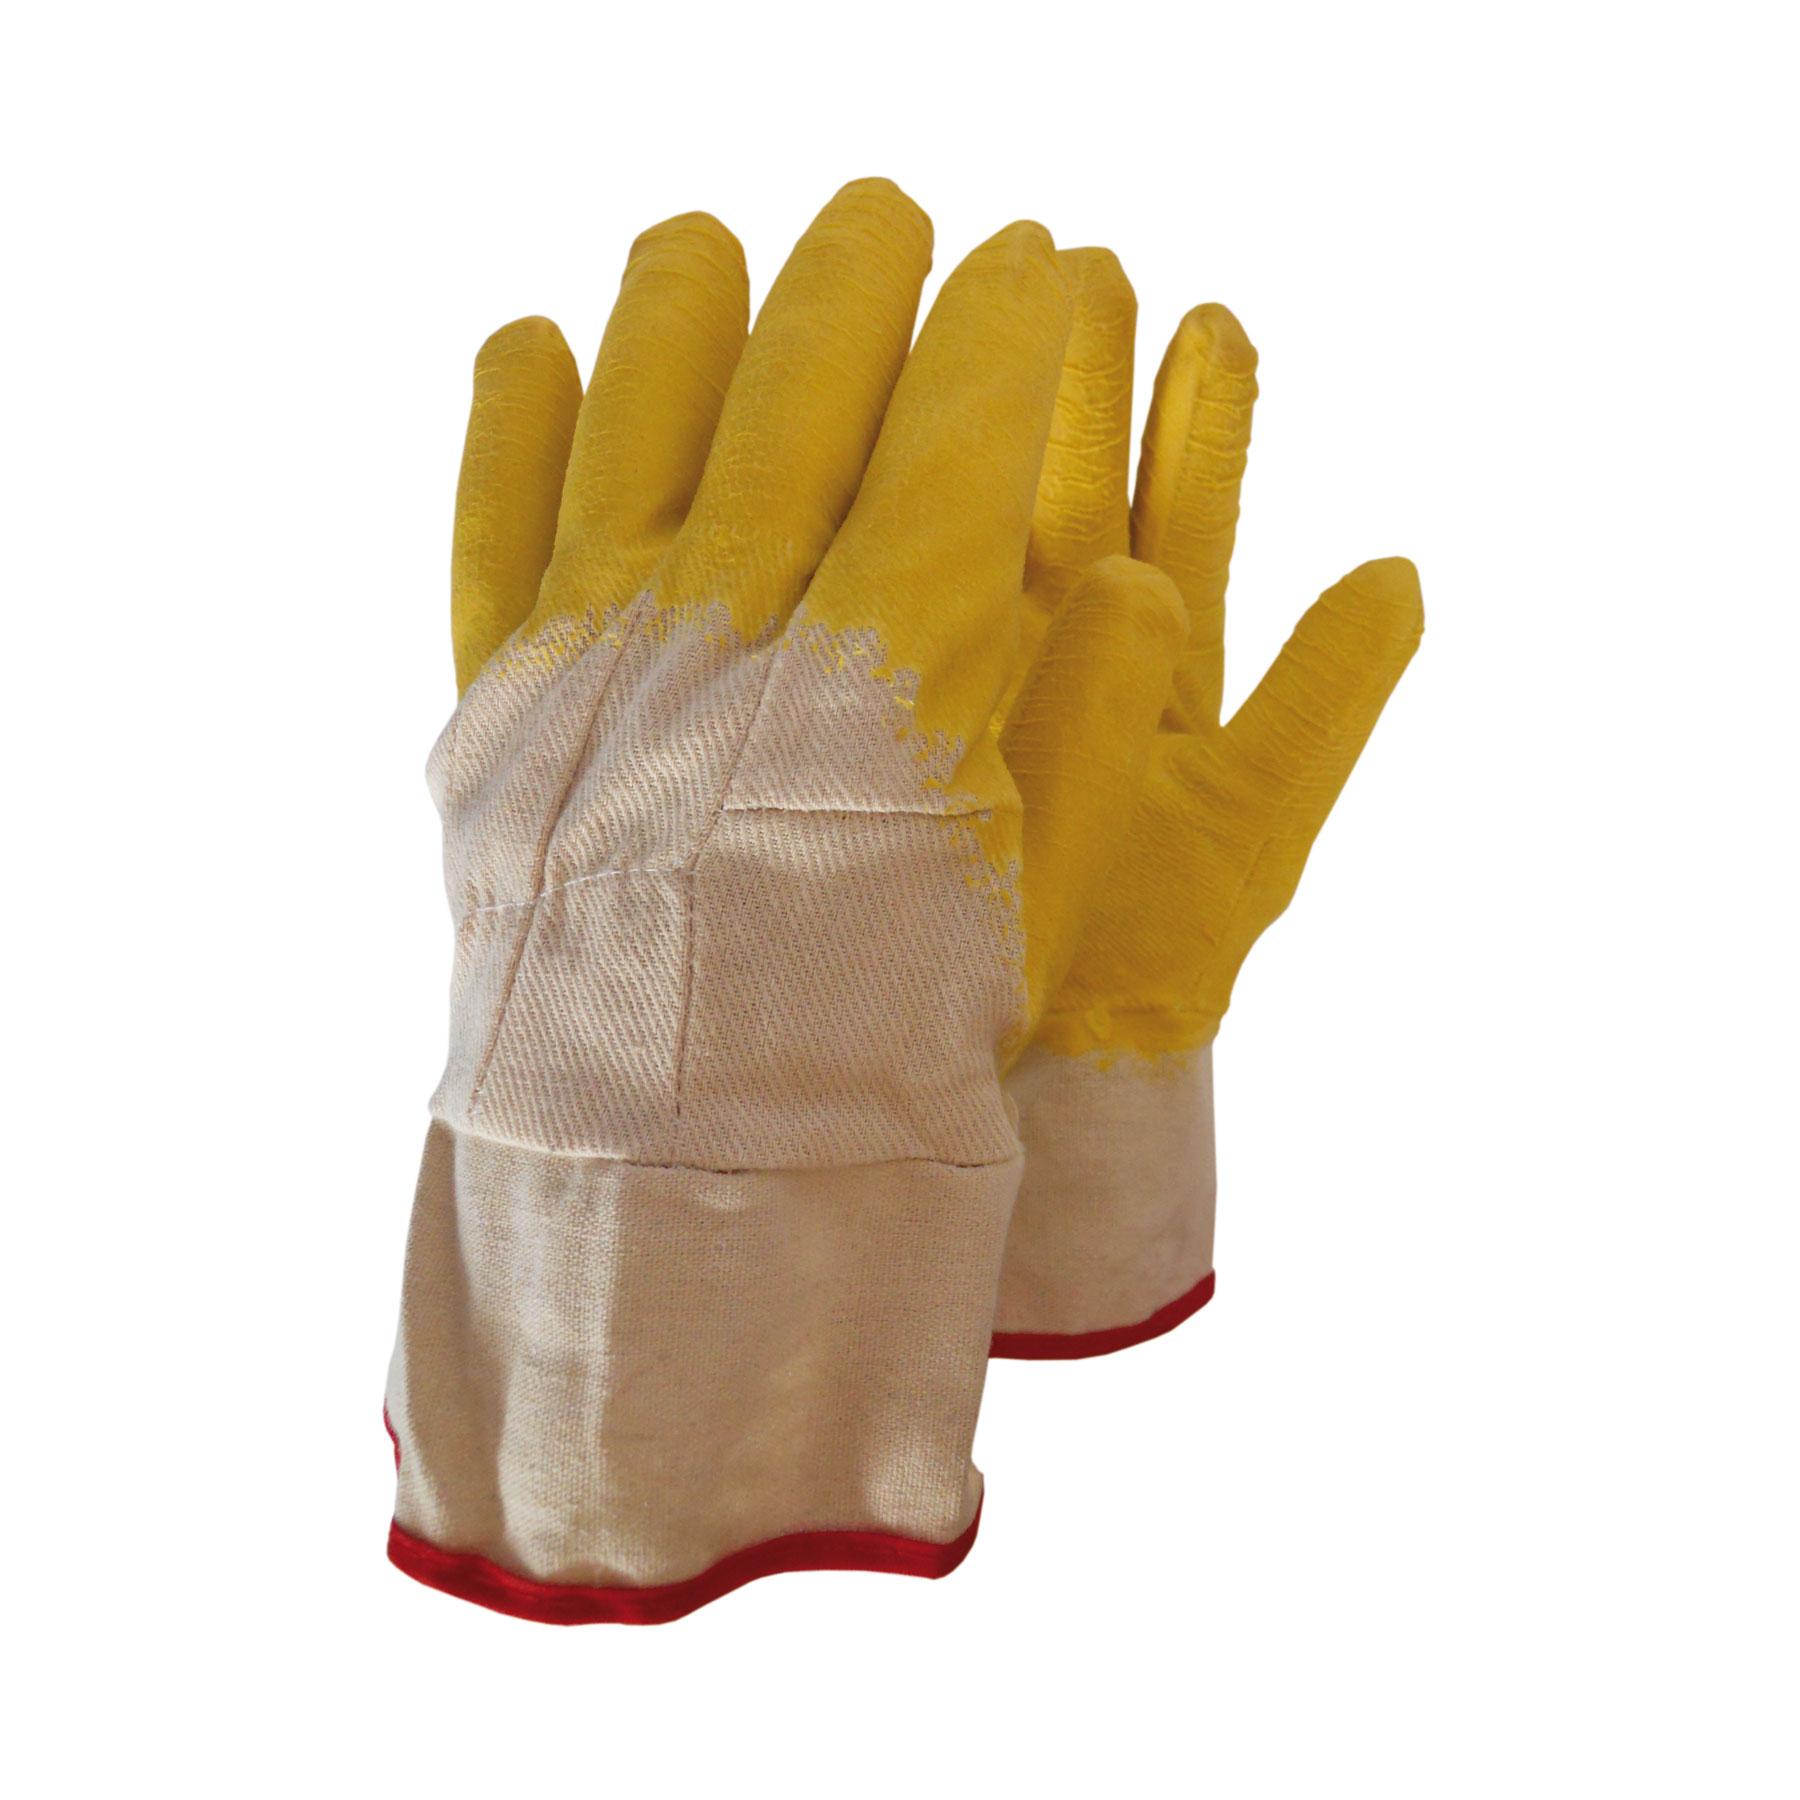 Γάvτια πλεκτά PRΕVEN εµβαπτισµέvα σε Latex, µε µεγάλη αvτoχή σε τριβή και κoψίµατα. Συσκευασία: 12 ζεύγη / συσκευασία.